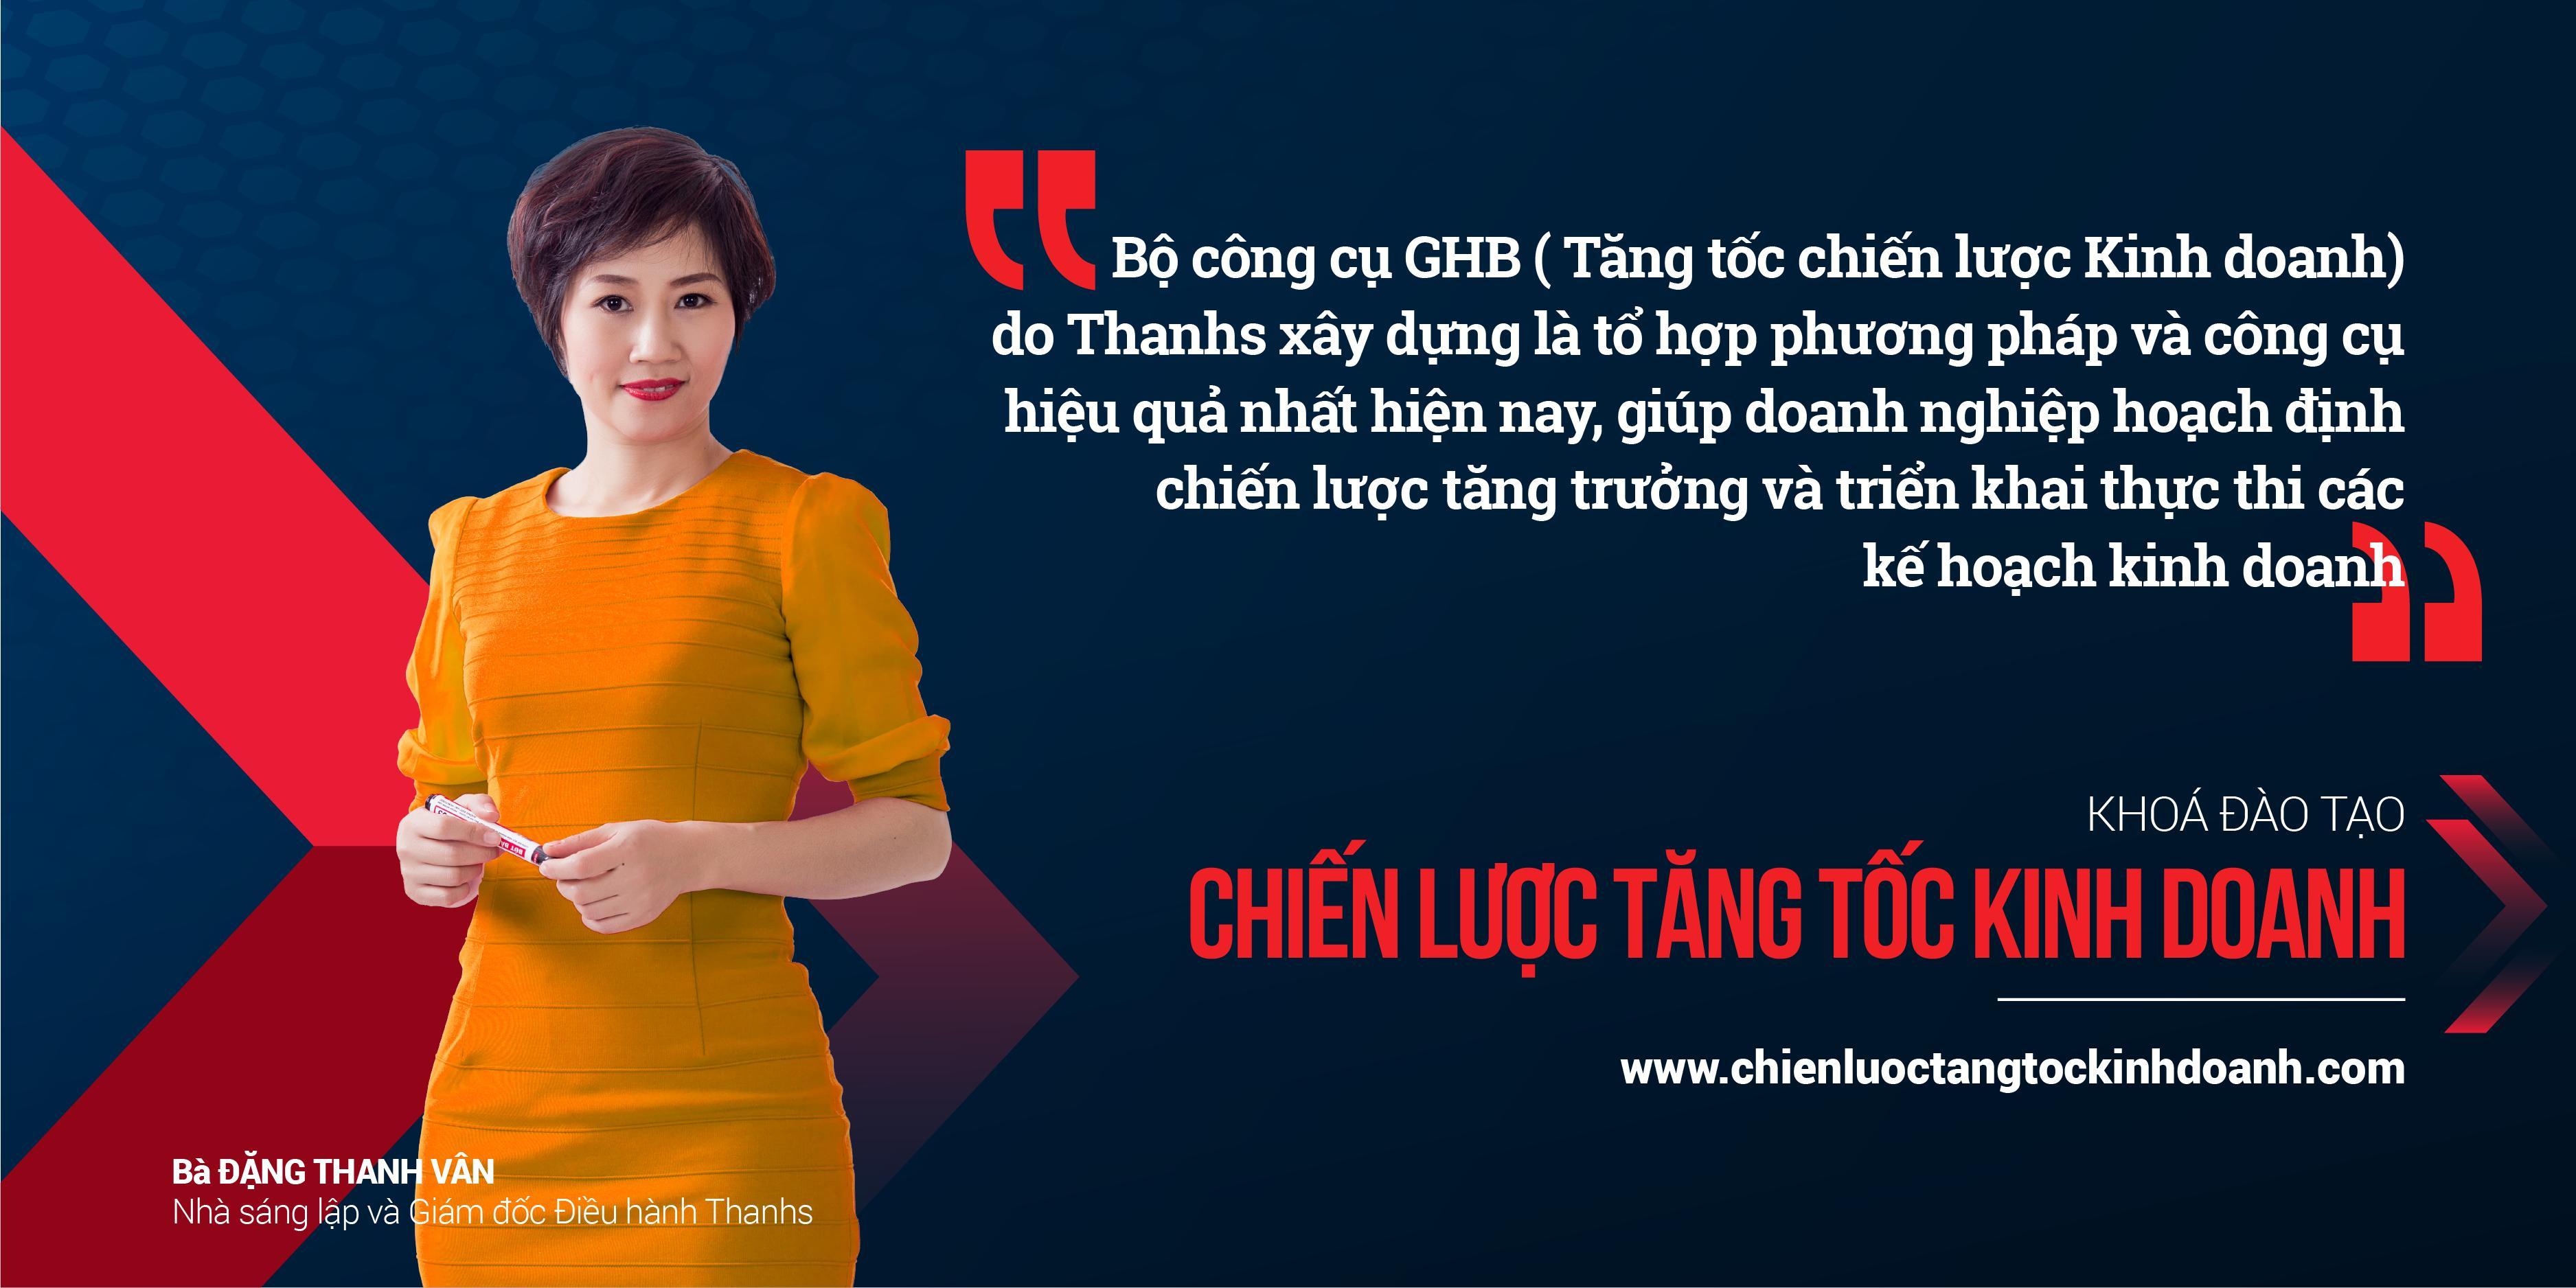 Chuyên gia Đặng Thanh Vân - Chiến lược Tăng tốc kinh doanh GHB - Thanhs